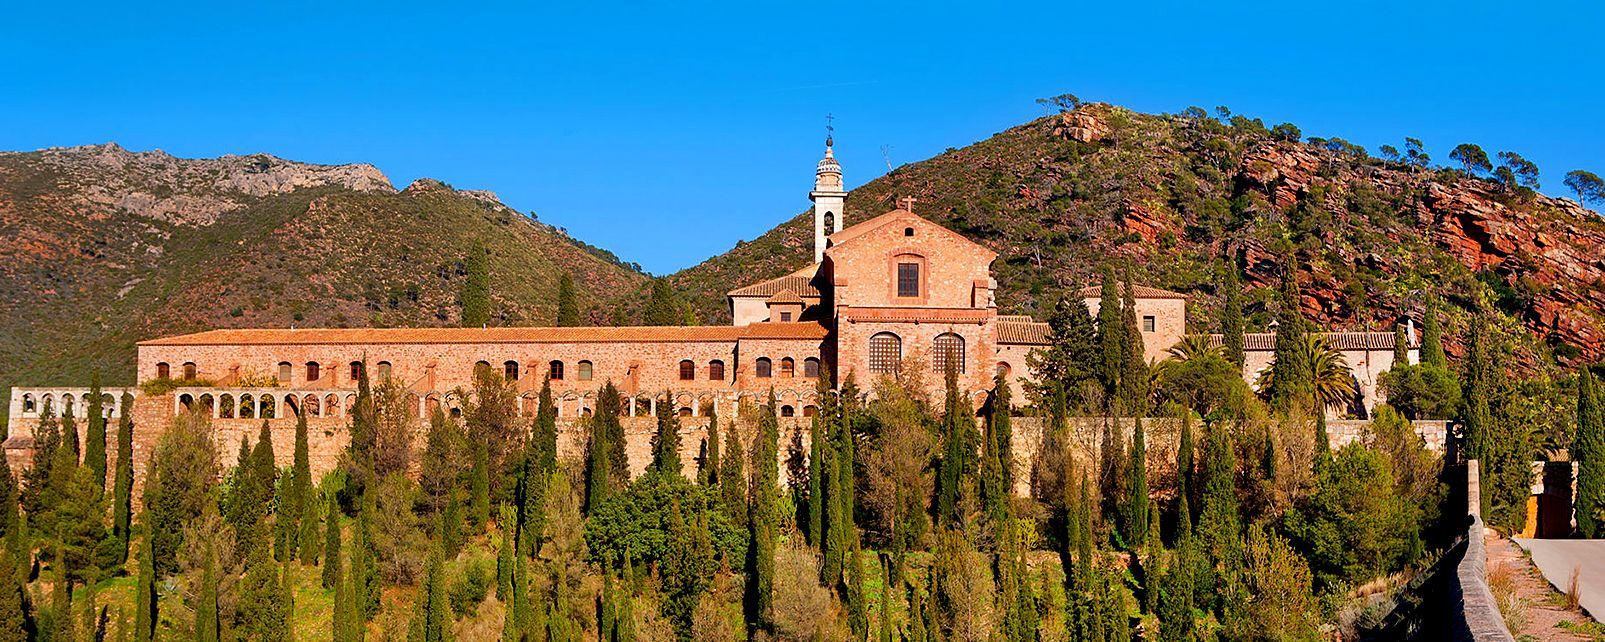 Le sierras del Levante, Le sierre orientali, I paesaggi e le attività, Comunità valenzana